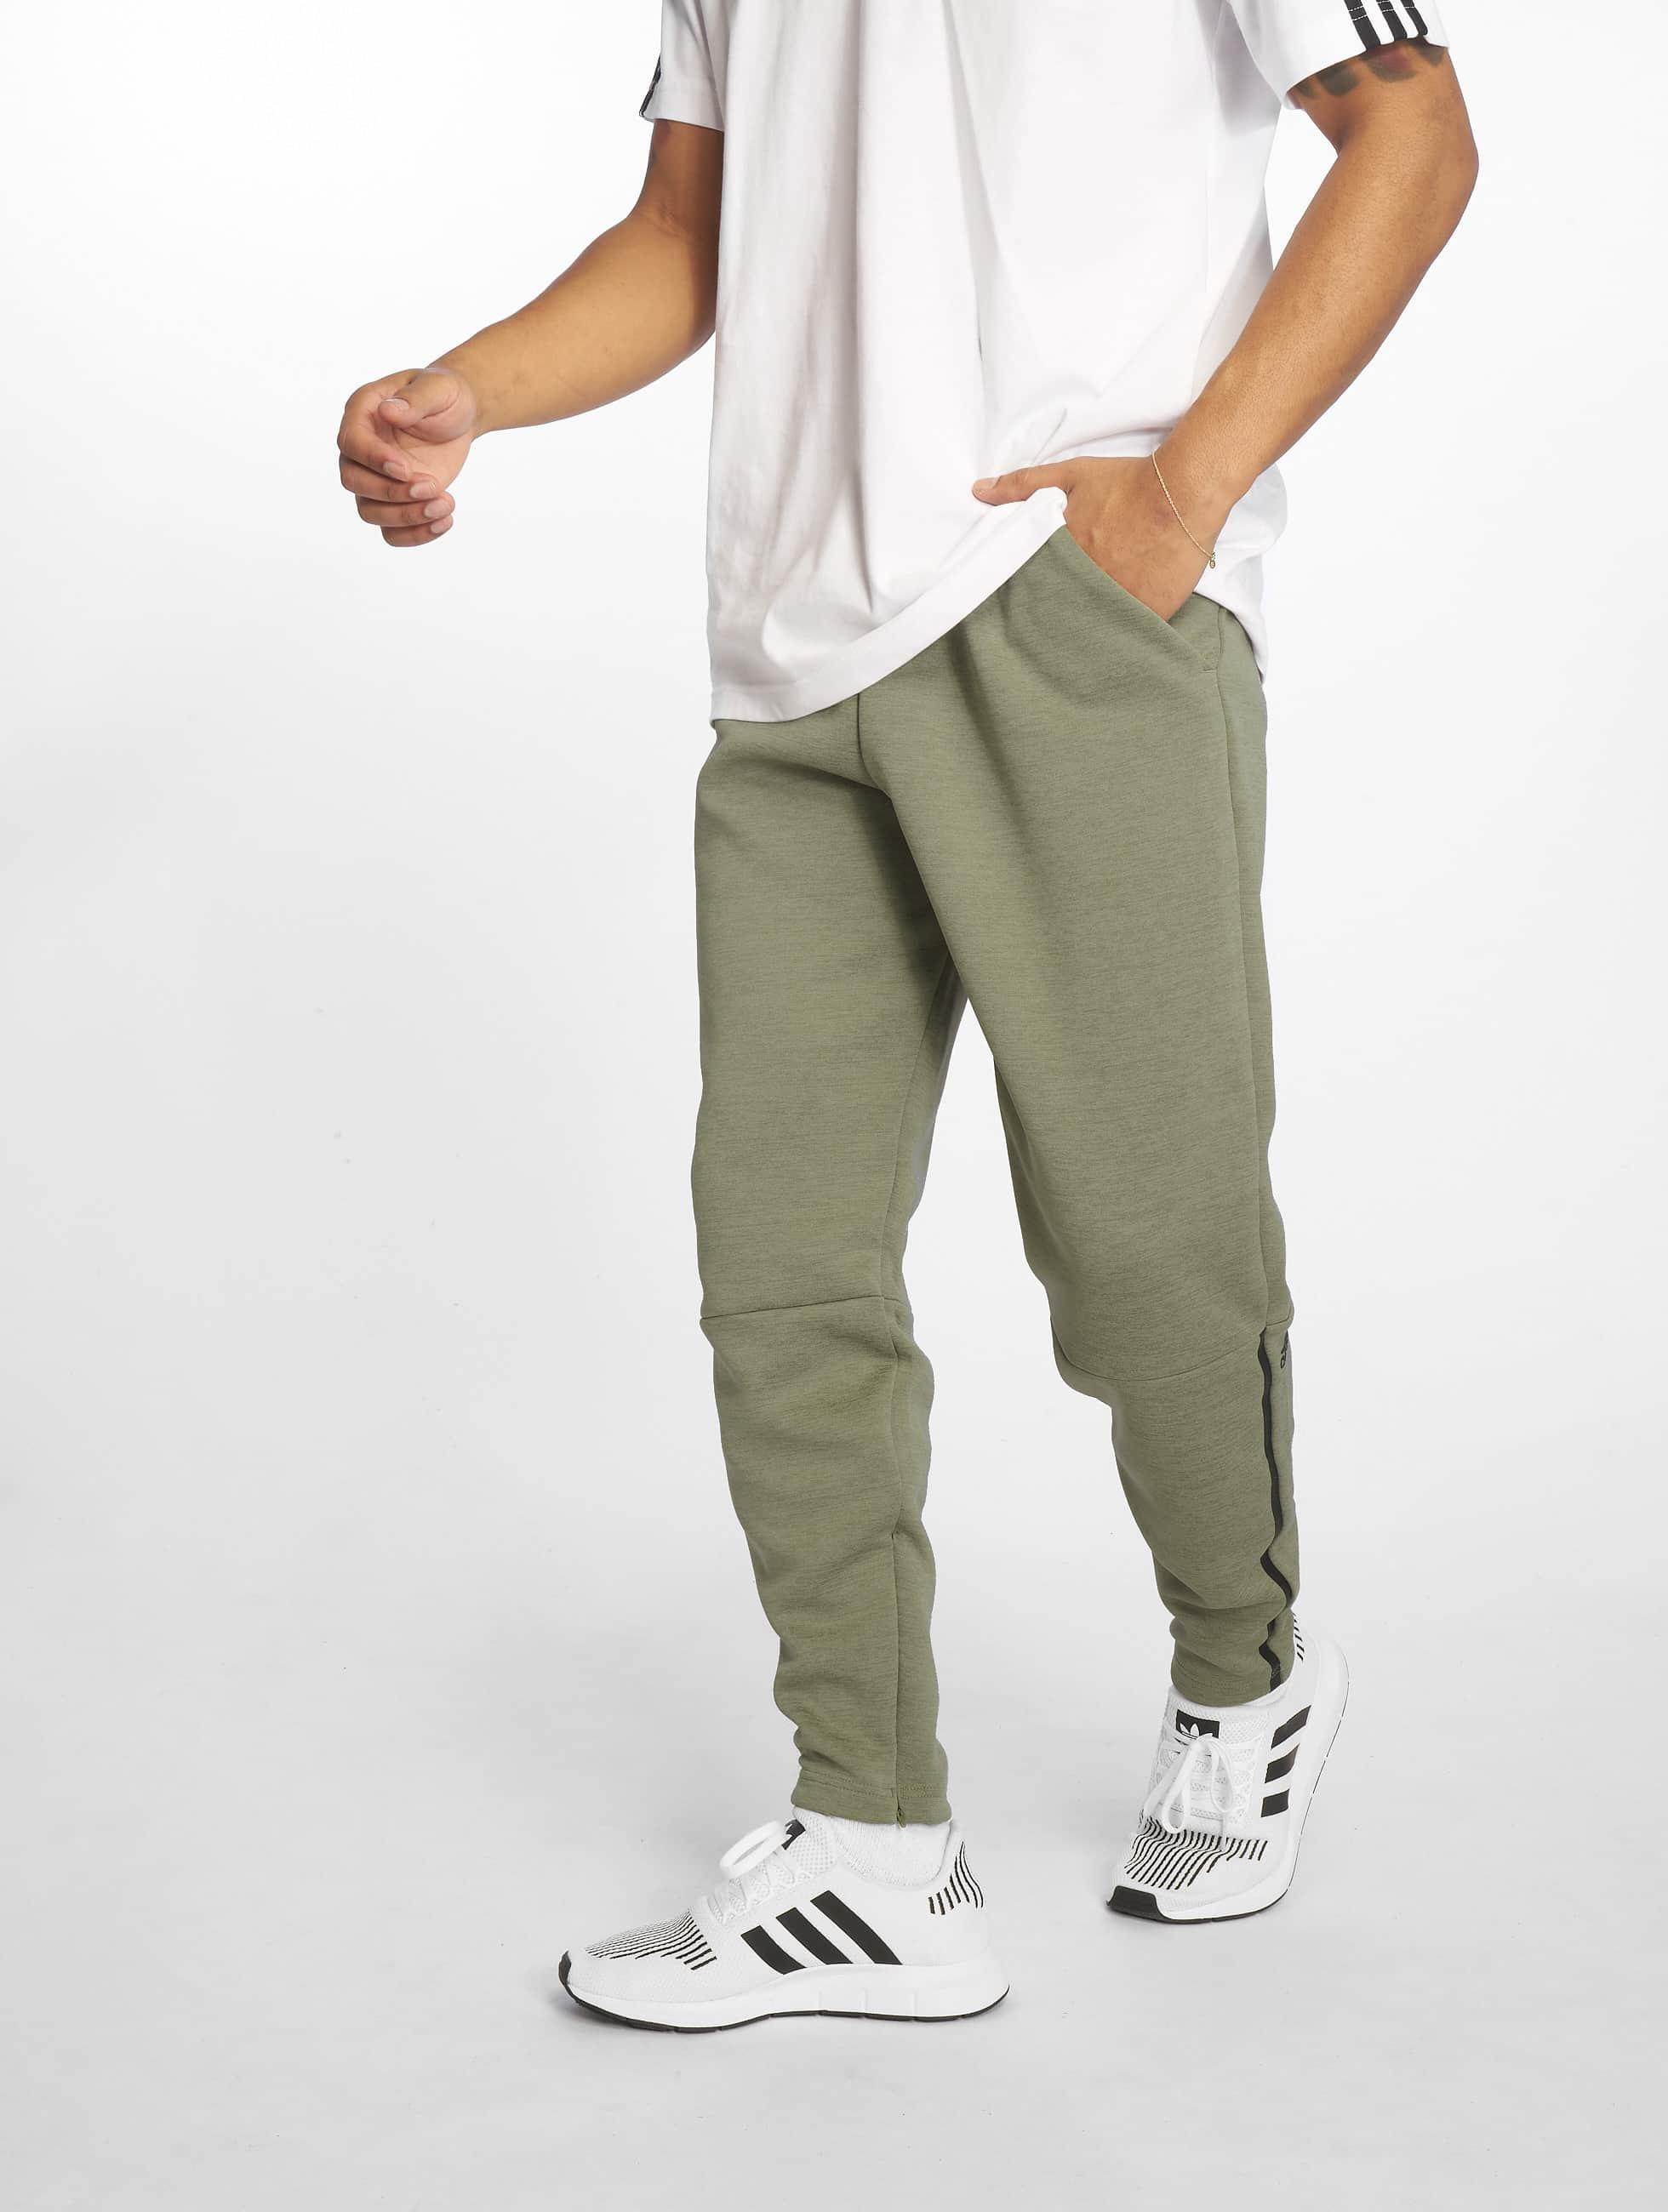 T shirt Adidas ZNE Kaki   FootKorner